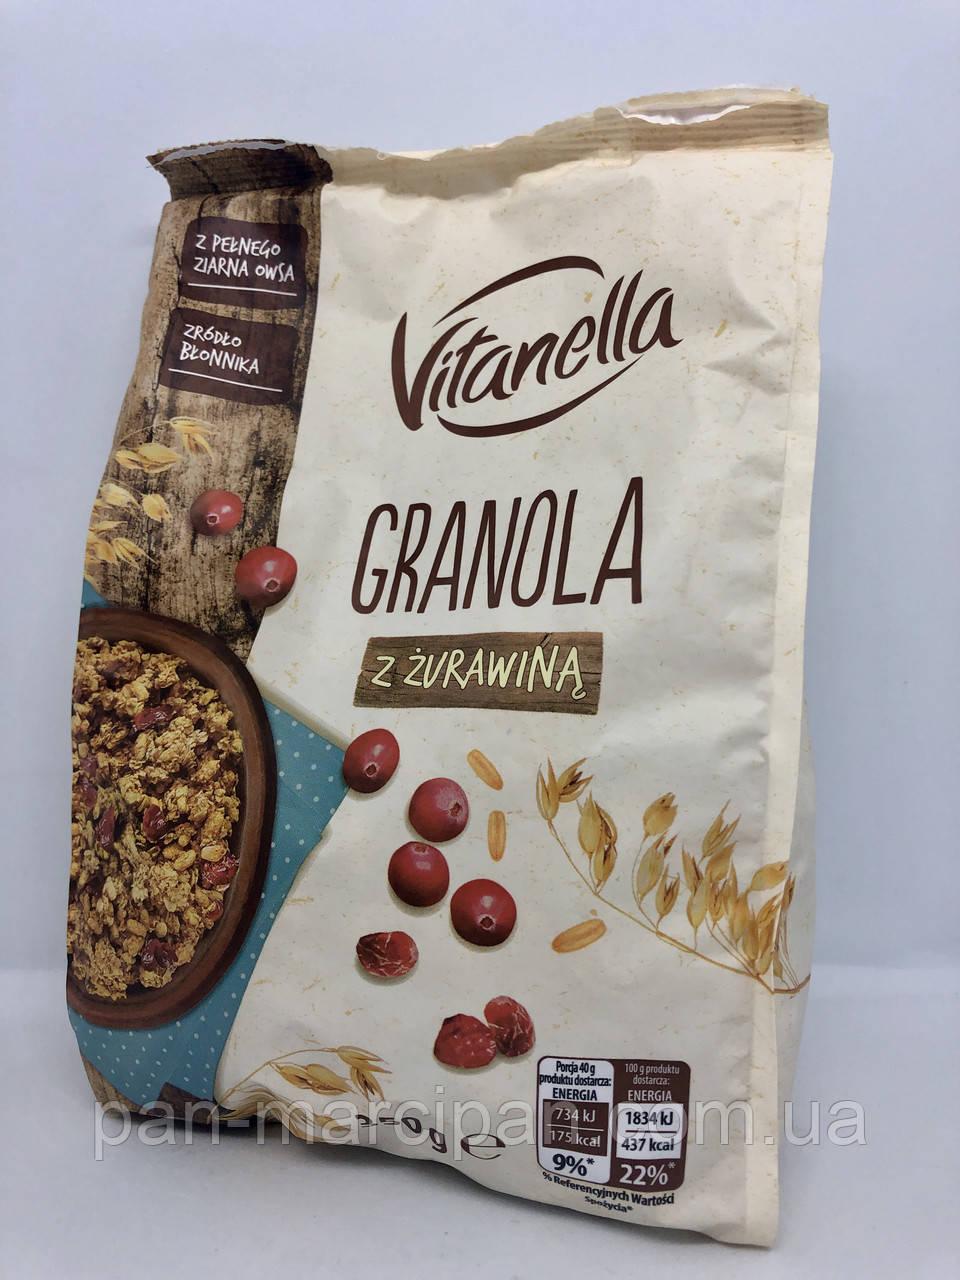 Мюслі Granola Vitanella (з журавлиною) Польща 350г